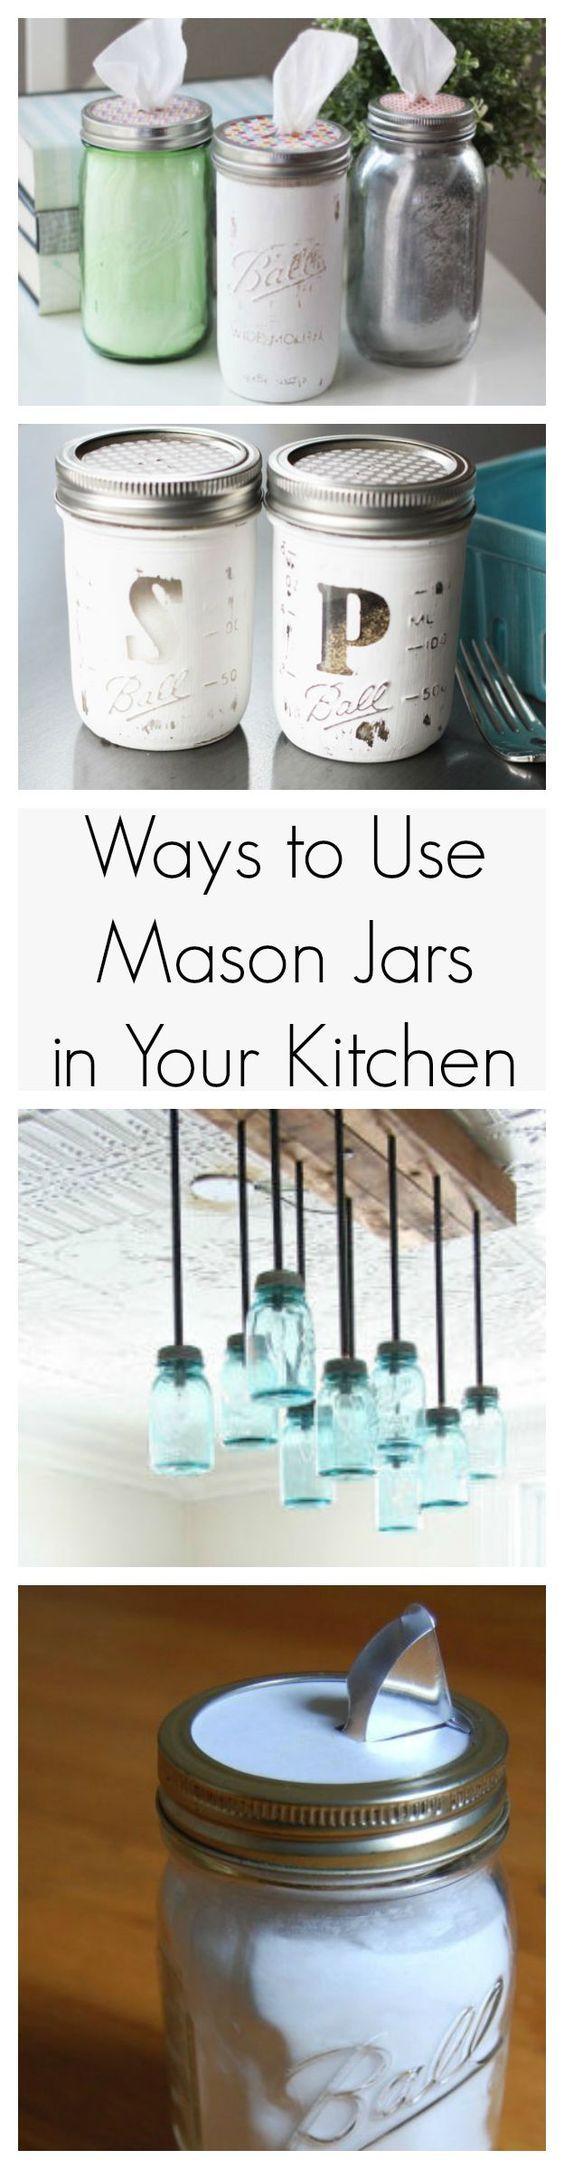 24 praktische Möglichkeiten, Mason-Gläser in Ihrer Küche zu verwenden